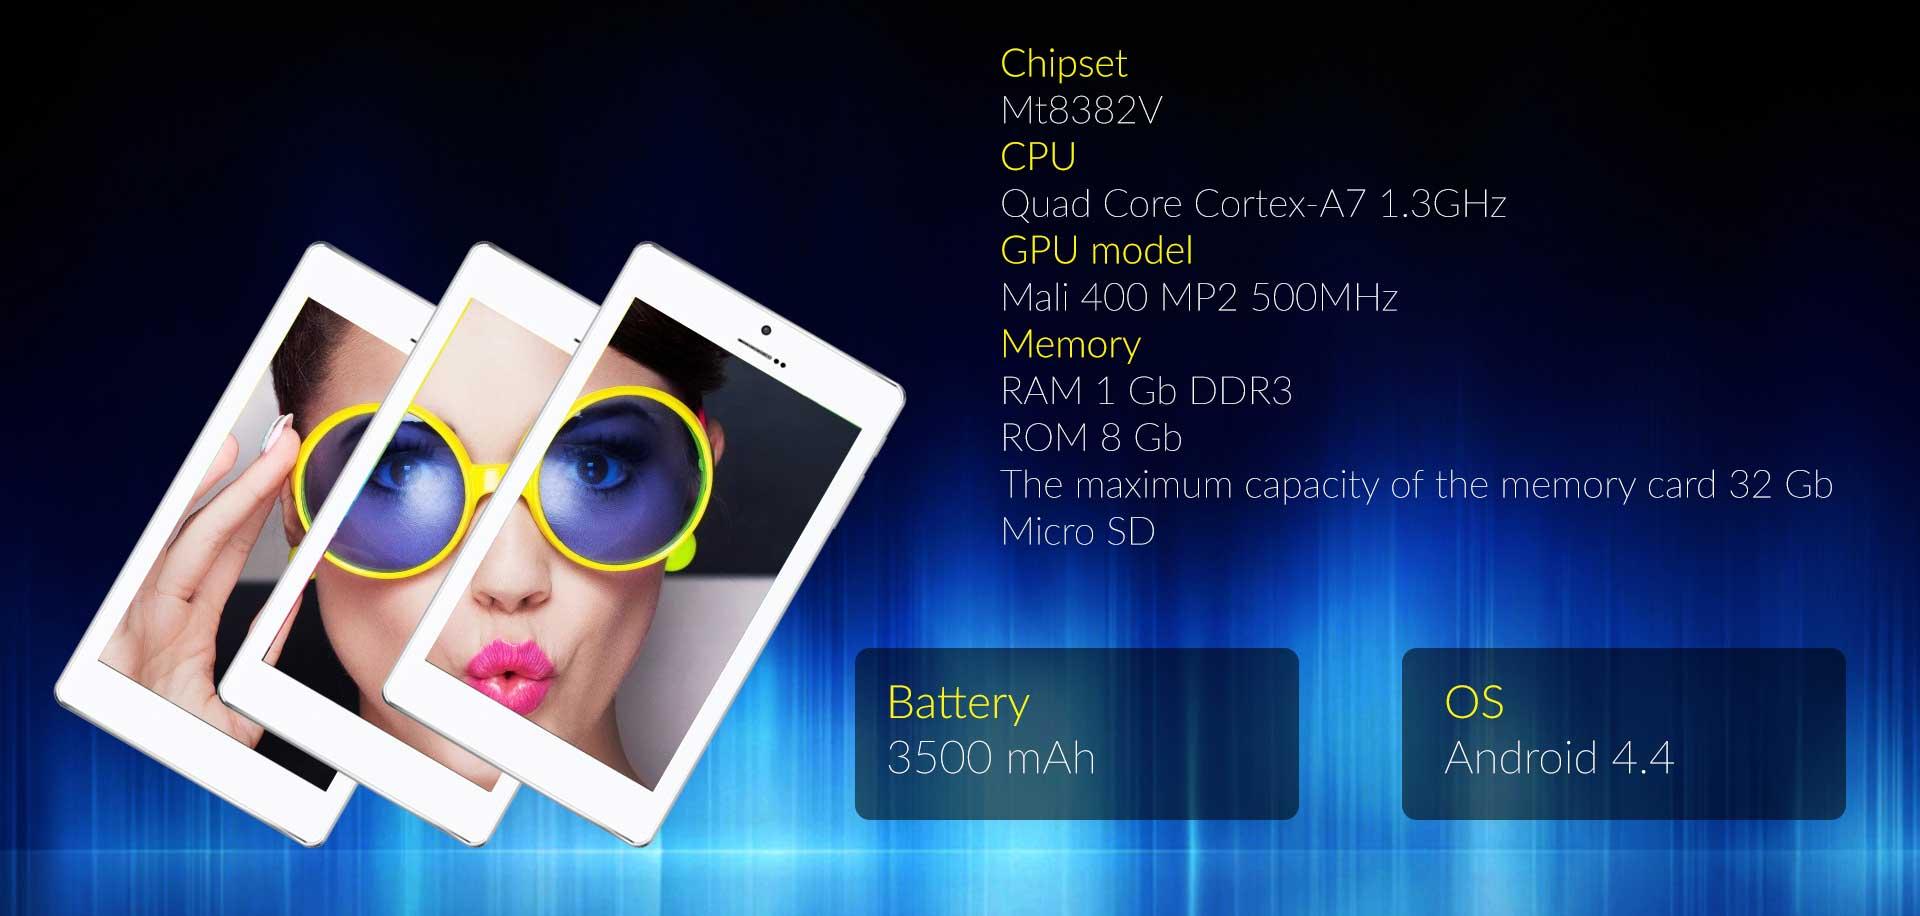 chipset-etc-752